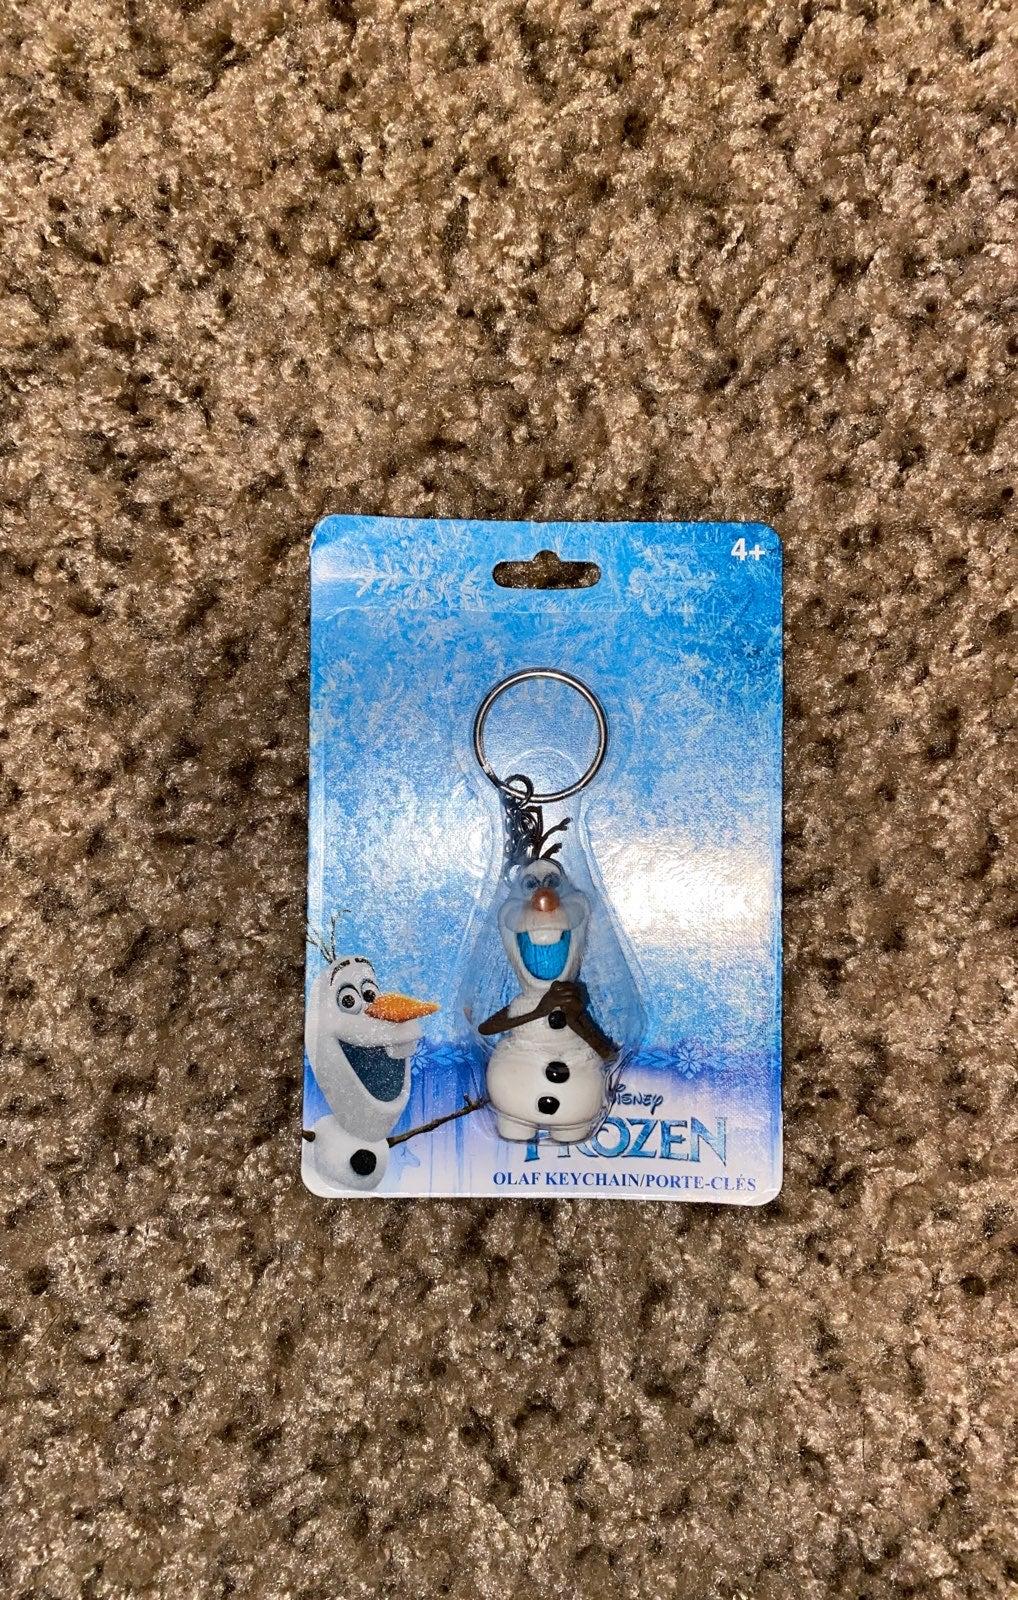 Olaf key chain